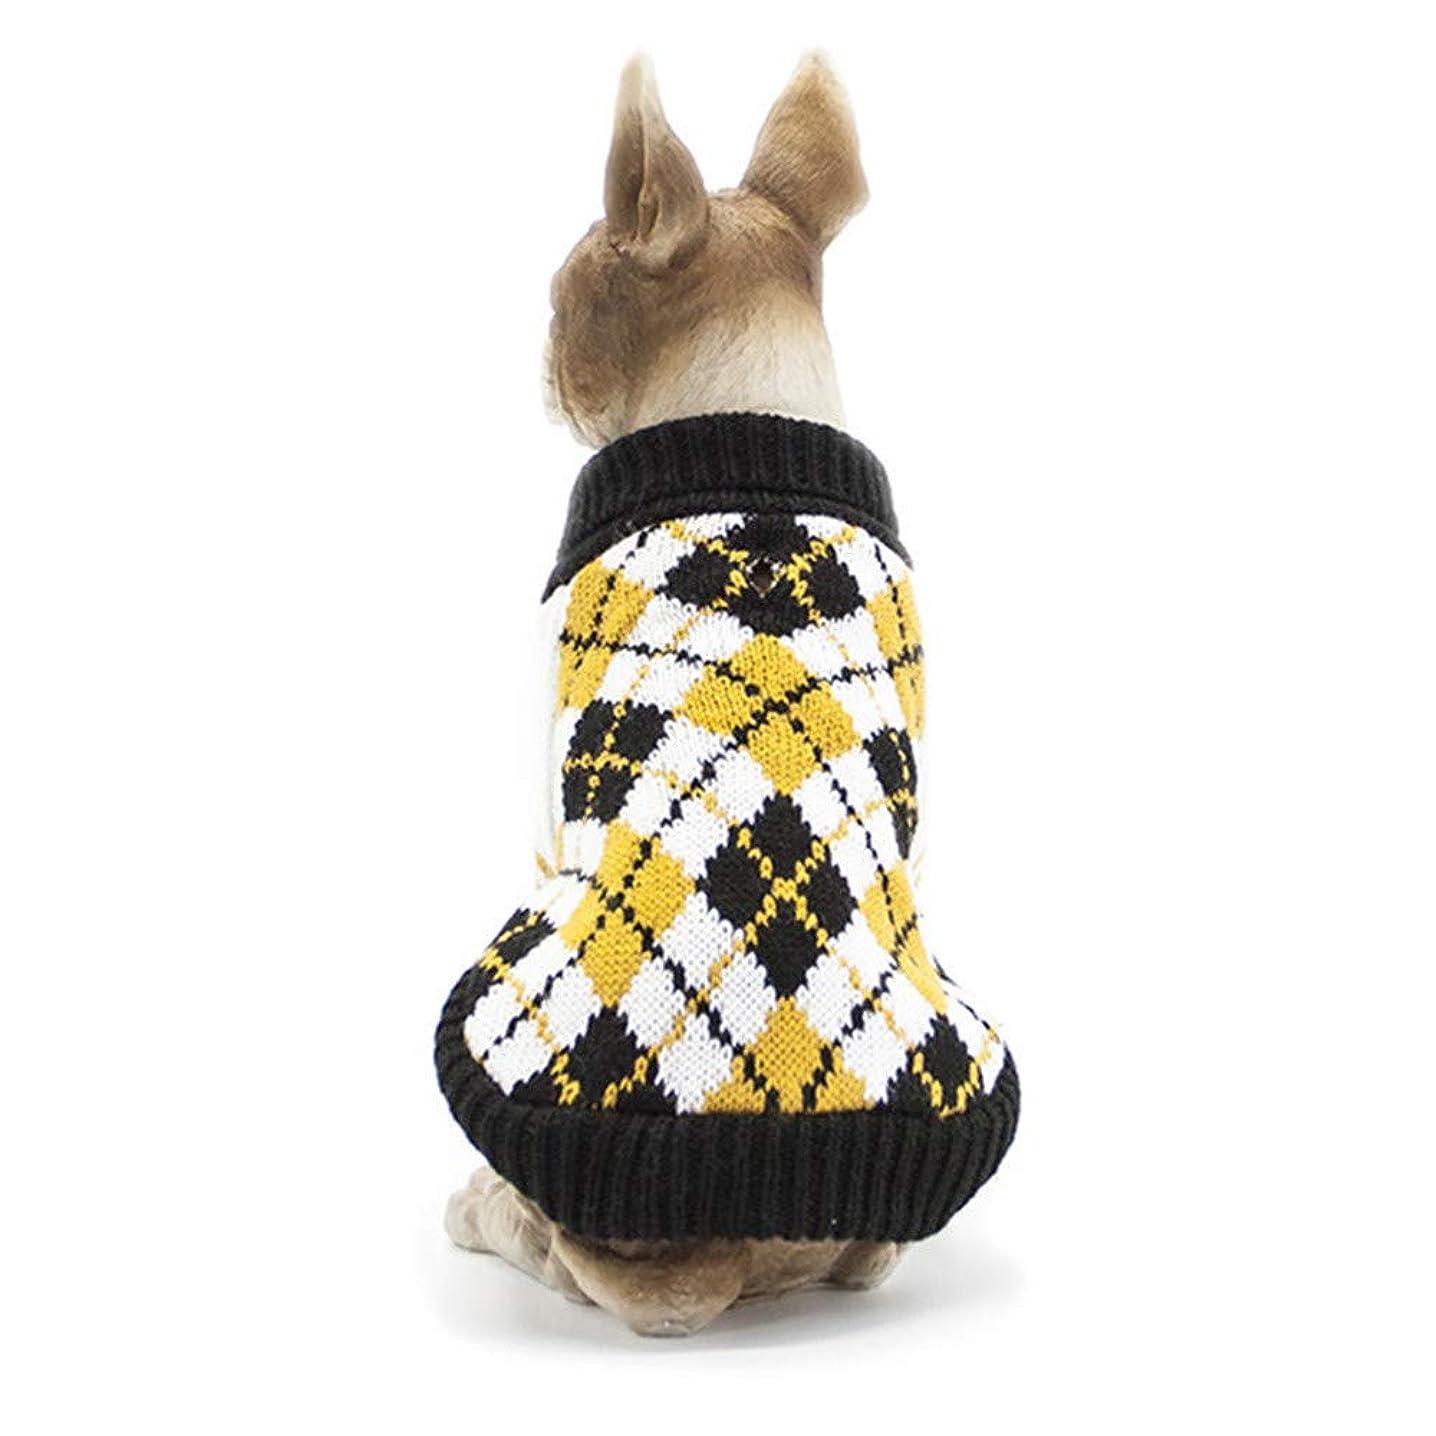 期待して要件毒液Joielmal ペット用服 愛猫 愛犬 服 着せやすい つなぎ ロンパース おしゃれ もこもこ ペット用品 猫 犬の服 ドッグウェア 防寒 ふんわり フリース素材 小中型犬 着ぐるみ